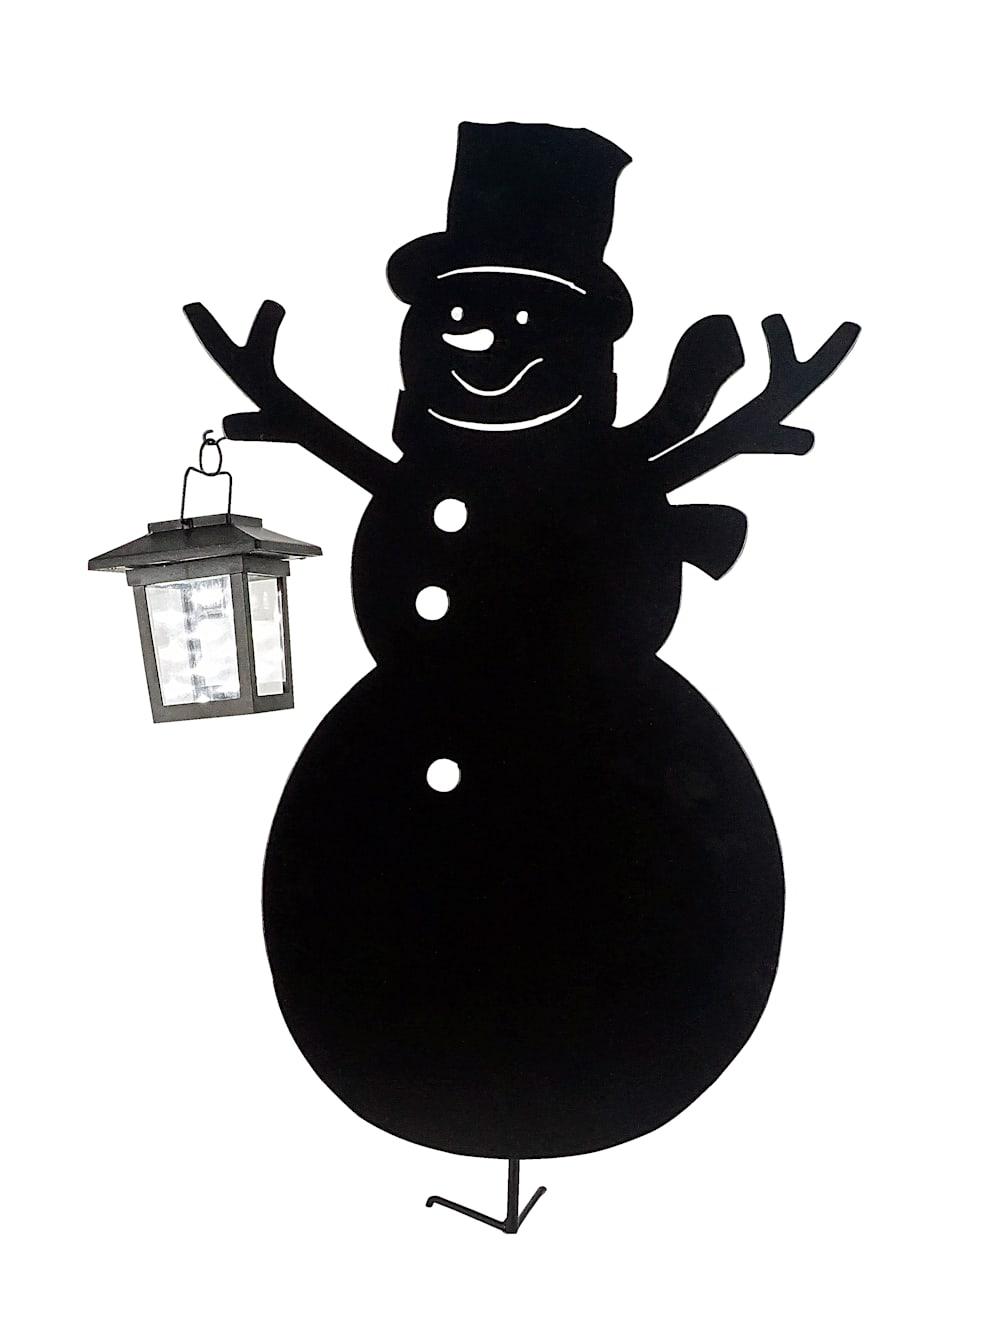 Cabilock LED Solarleuchten Schneemann Figur Solar Gartenstecker Weihnachten Beleuchtet Tannenzweige Beleuchtung Garten Solarlampen Weihnachtsdeko Lampe f/ür Au/ßen Outdoor Rasen Terrassen Deko